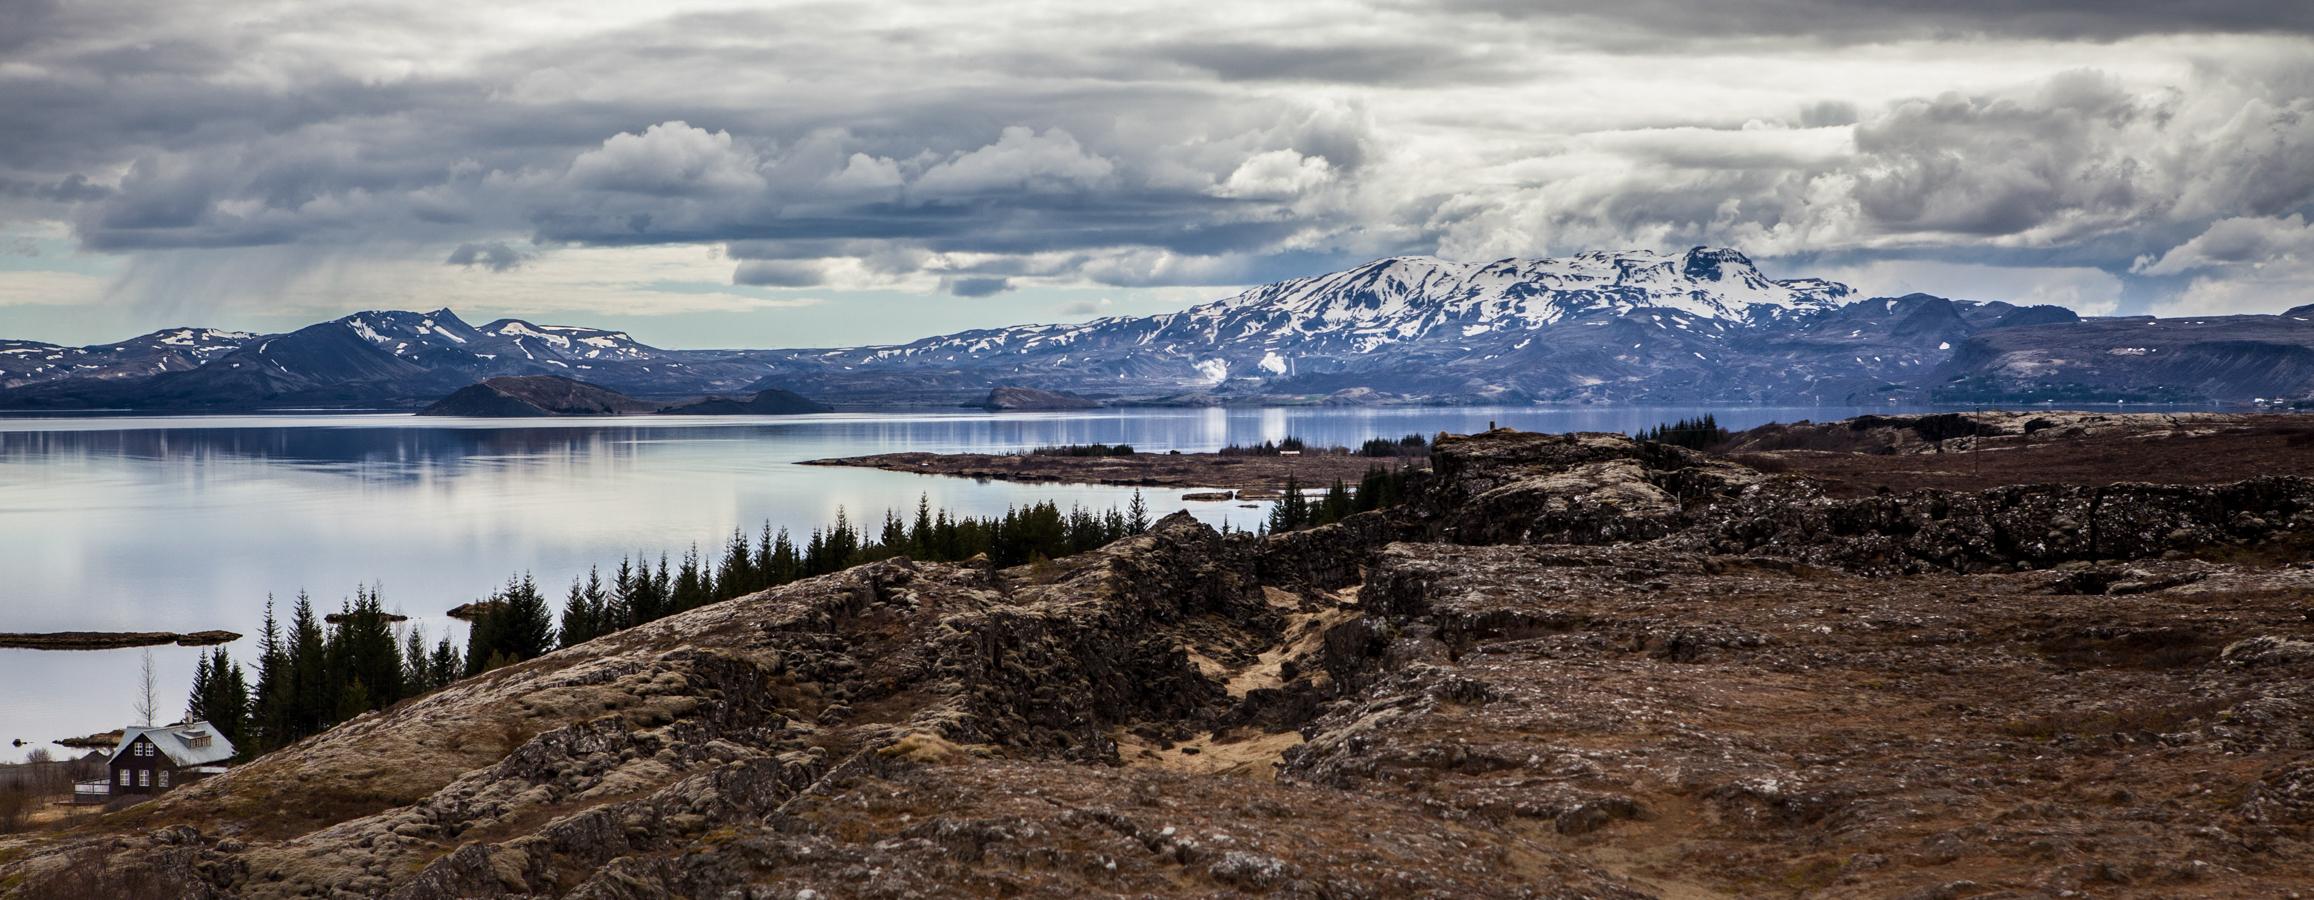 Mountains & Lakes - KeriÔêé, Iceland - 2015